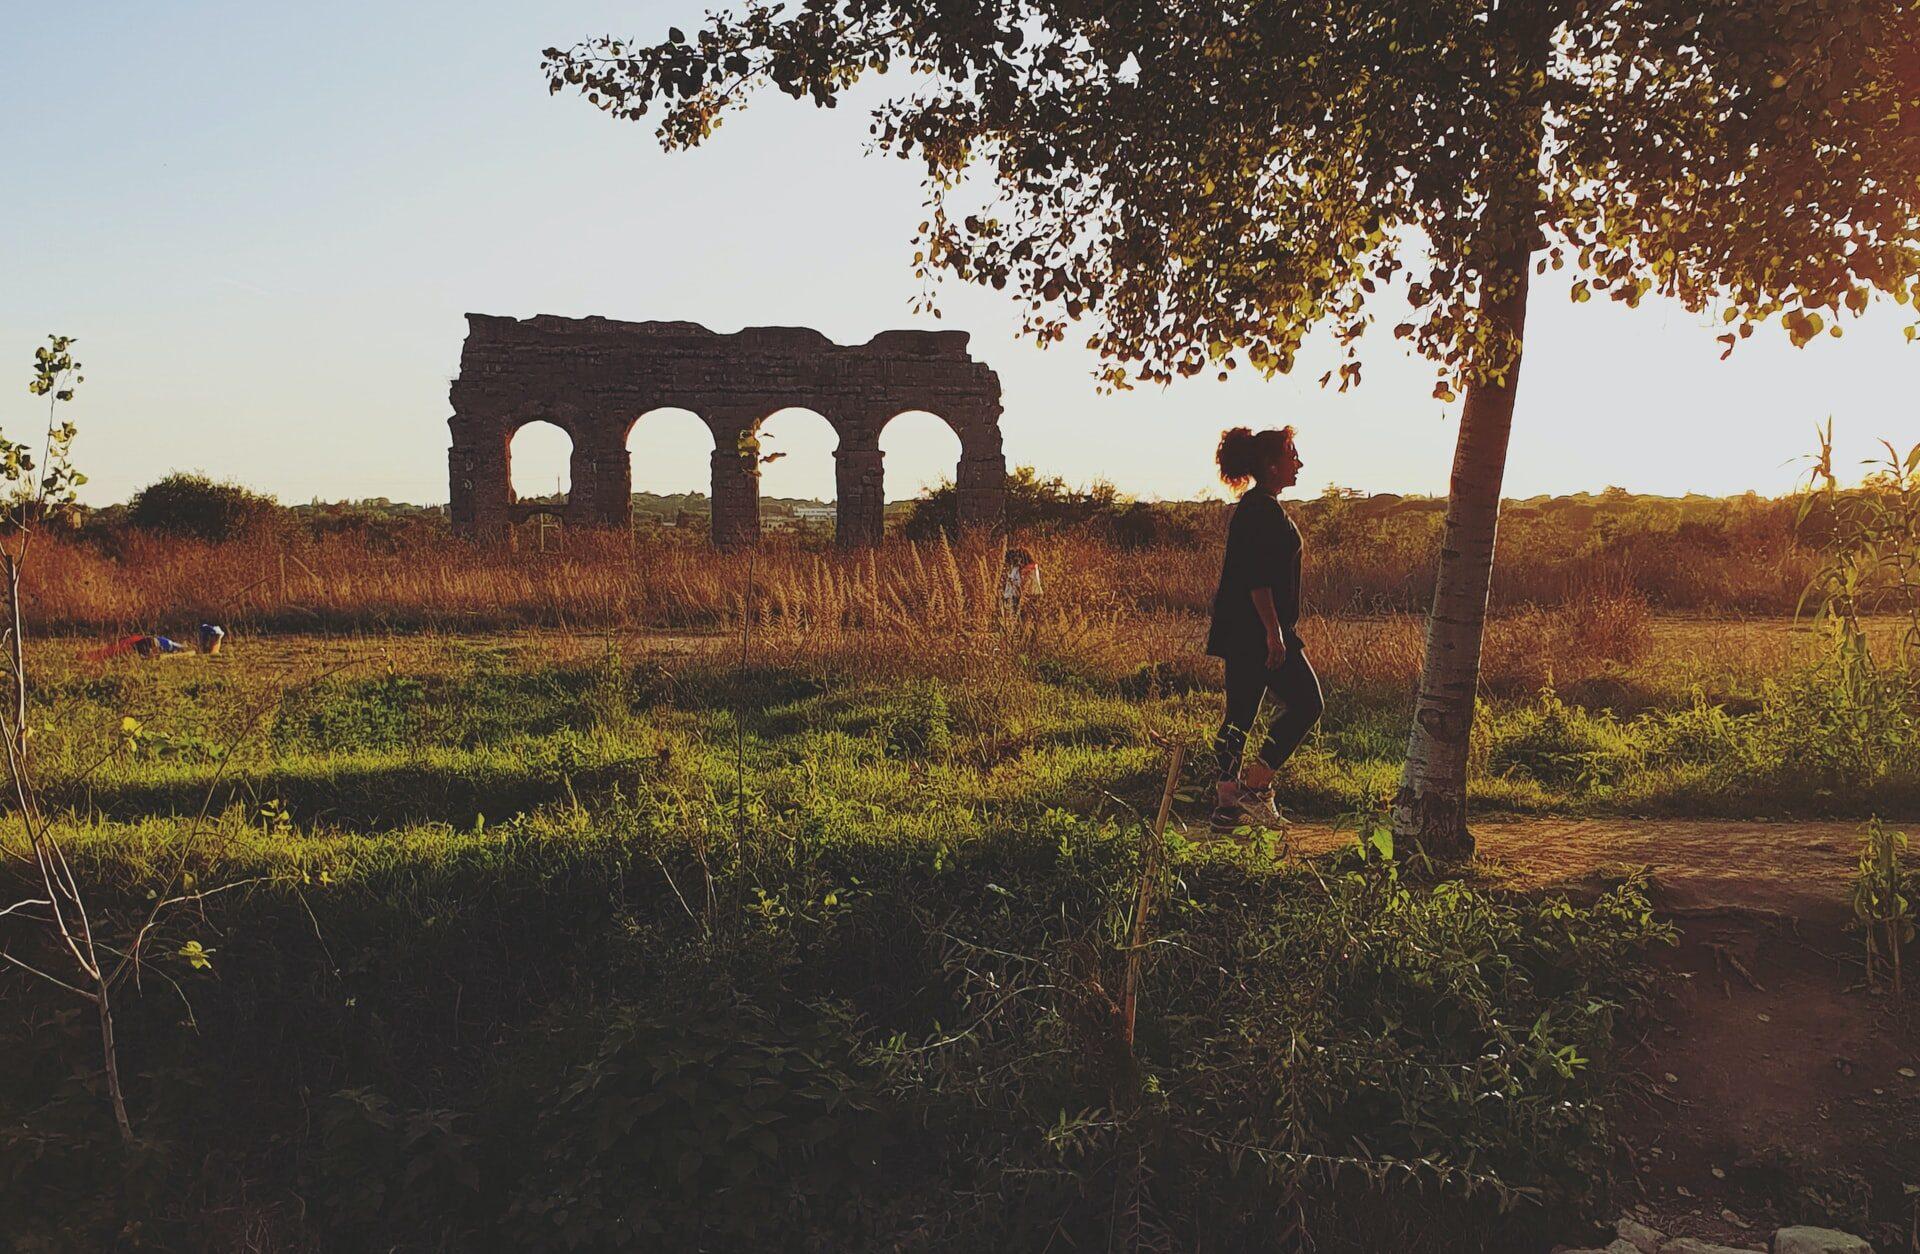 Andare in bicicletta nel Parco degli Acquedotti, Caffarella e Appia Antica